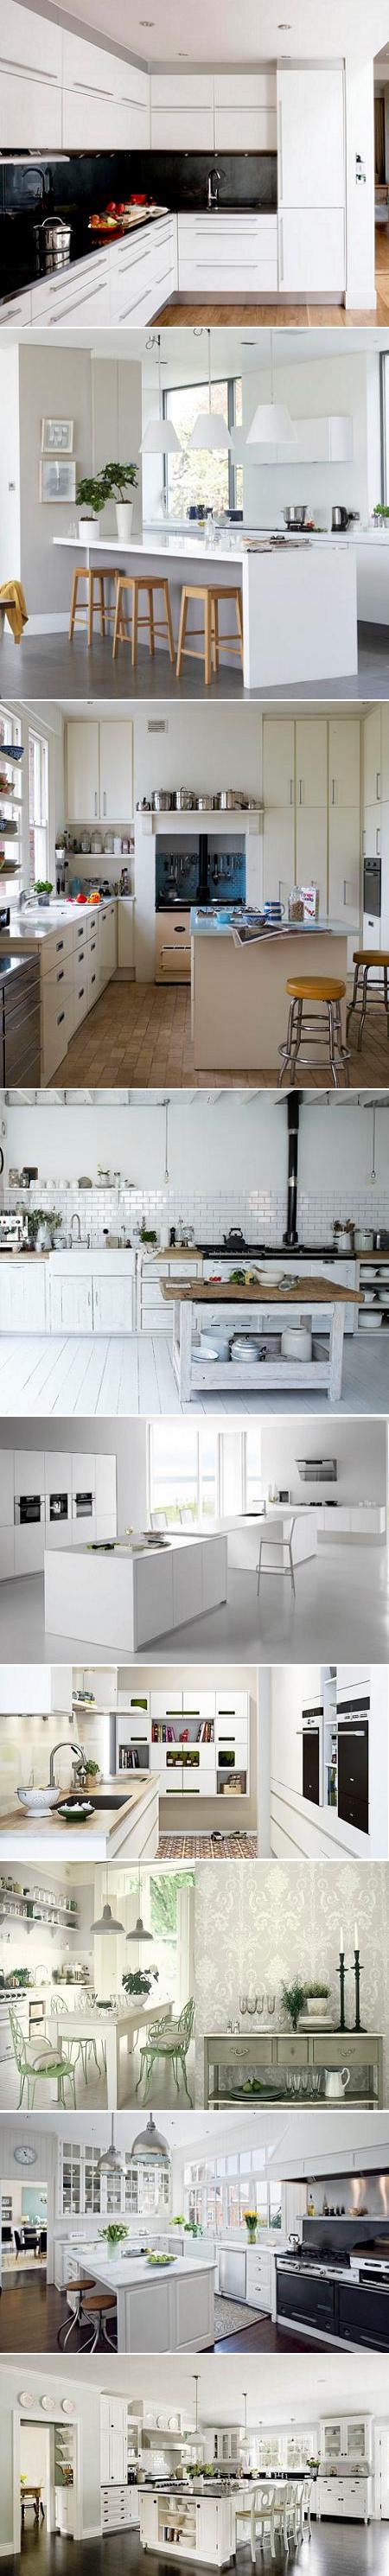 Decoraci n 20 cocinas en color blanco - Cocinas en color blanco ...